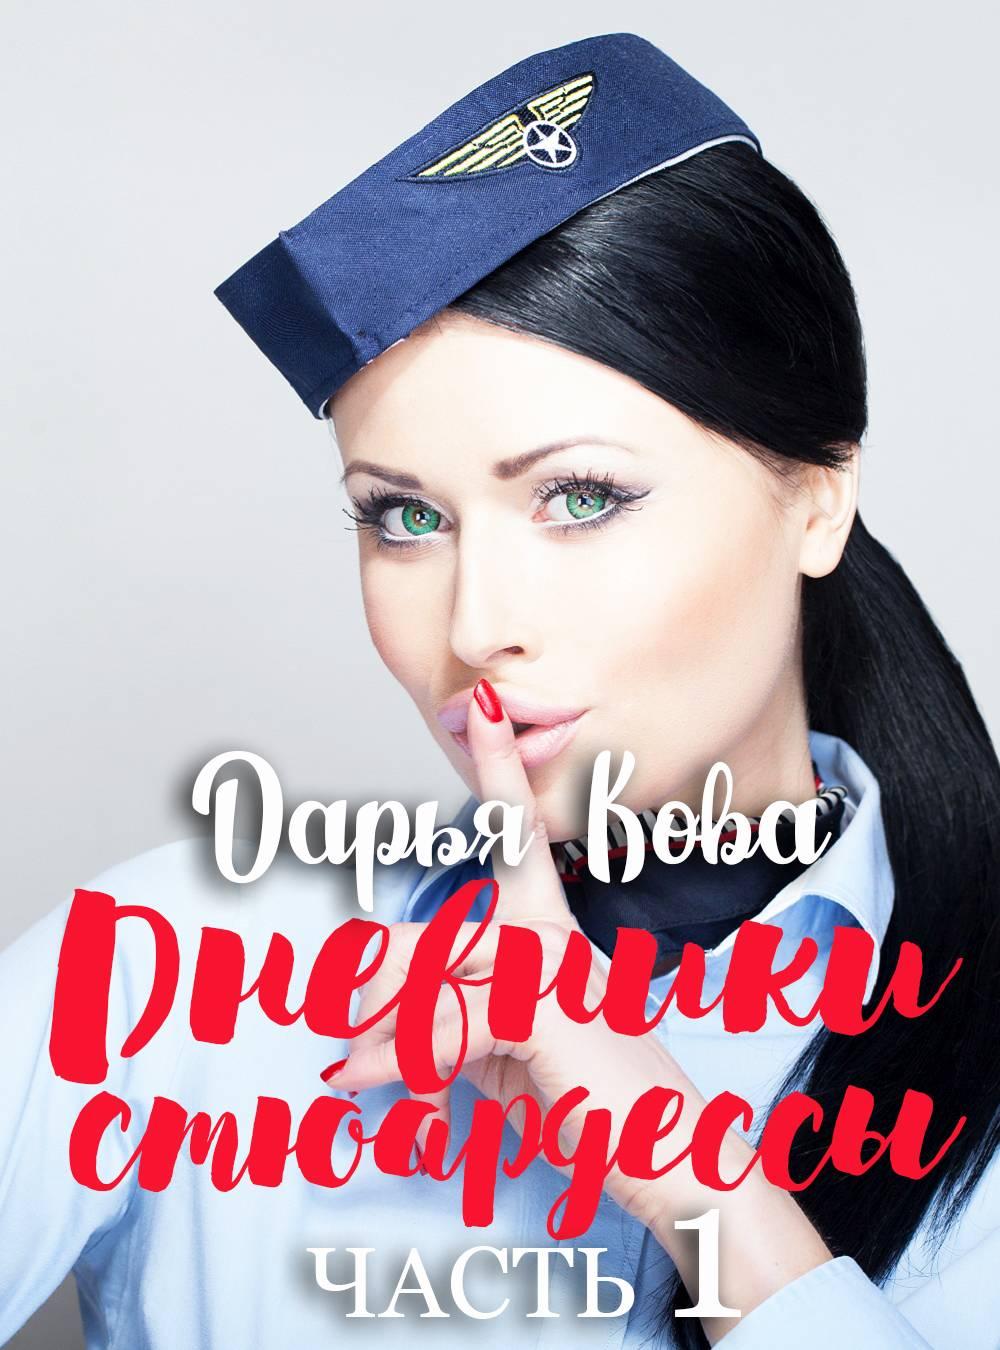 Дарья Кова Дневники стюардессы. Часть 1 авиабилеты аэрофлота